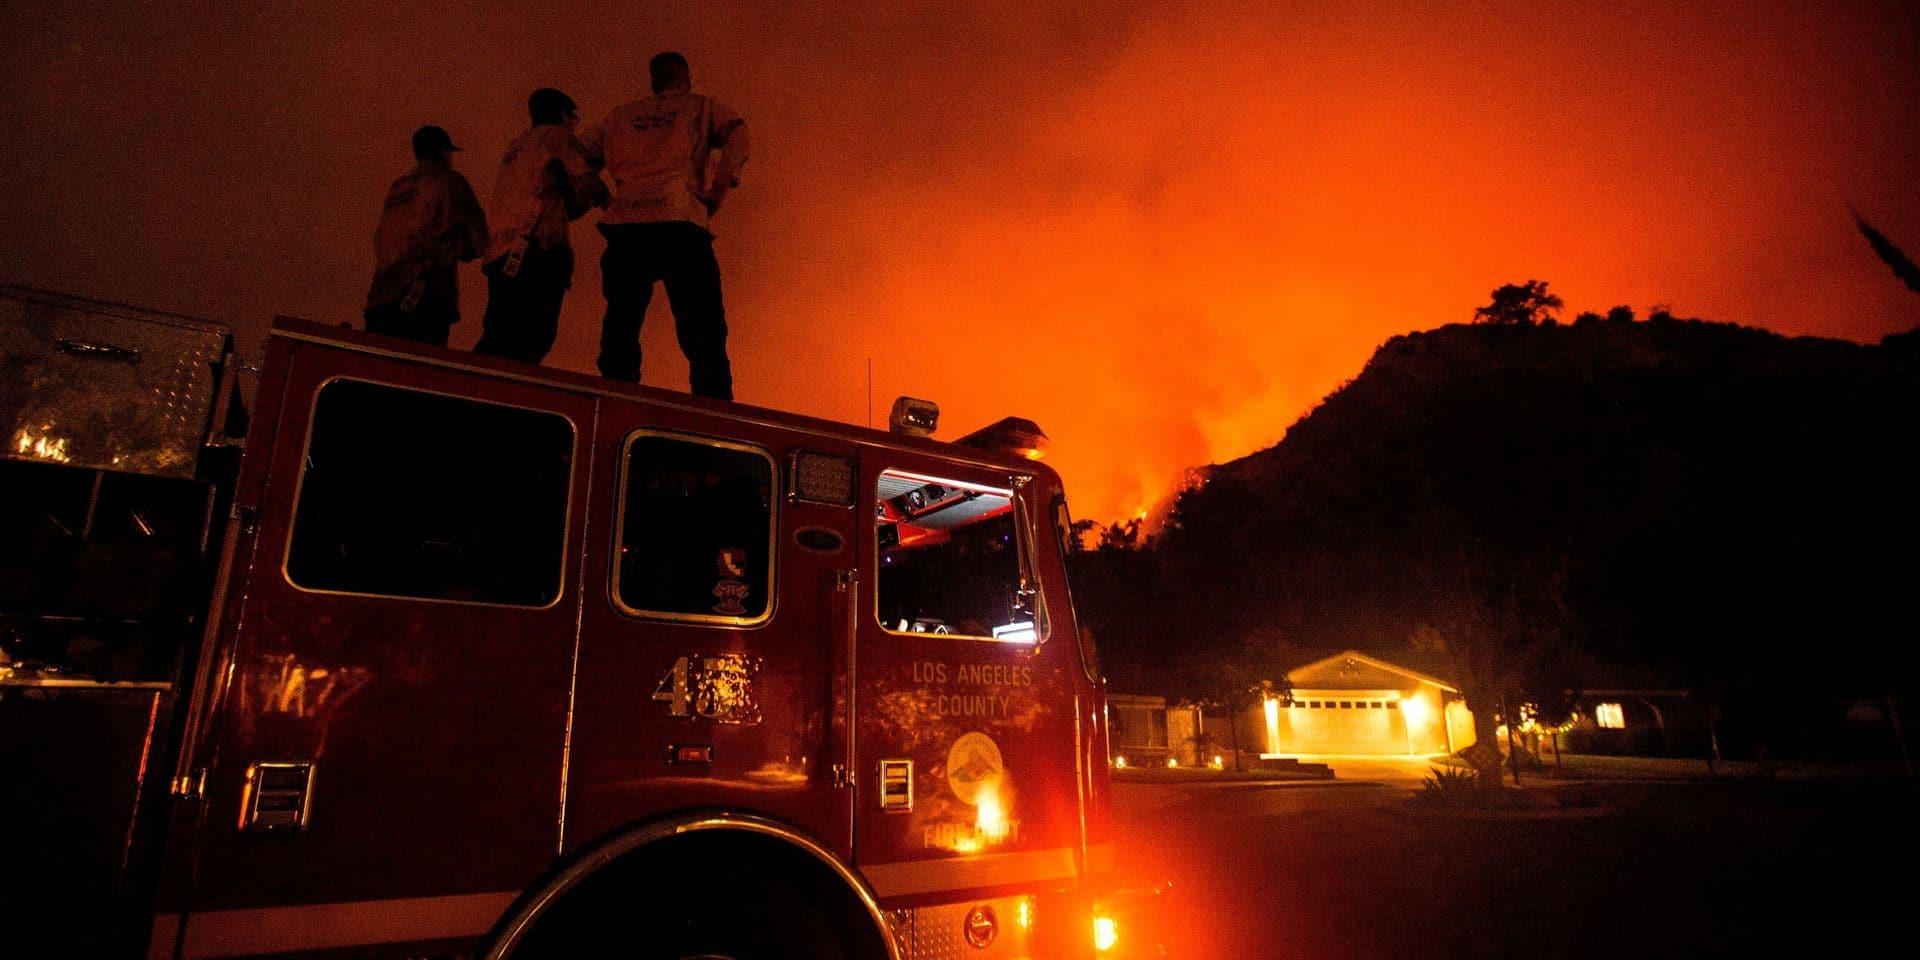 Incendies en Californie: un observatoire historique menacé par les flammes aux portes de Los Angeles